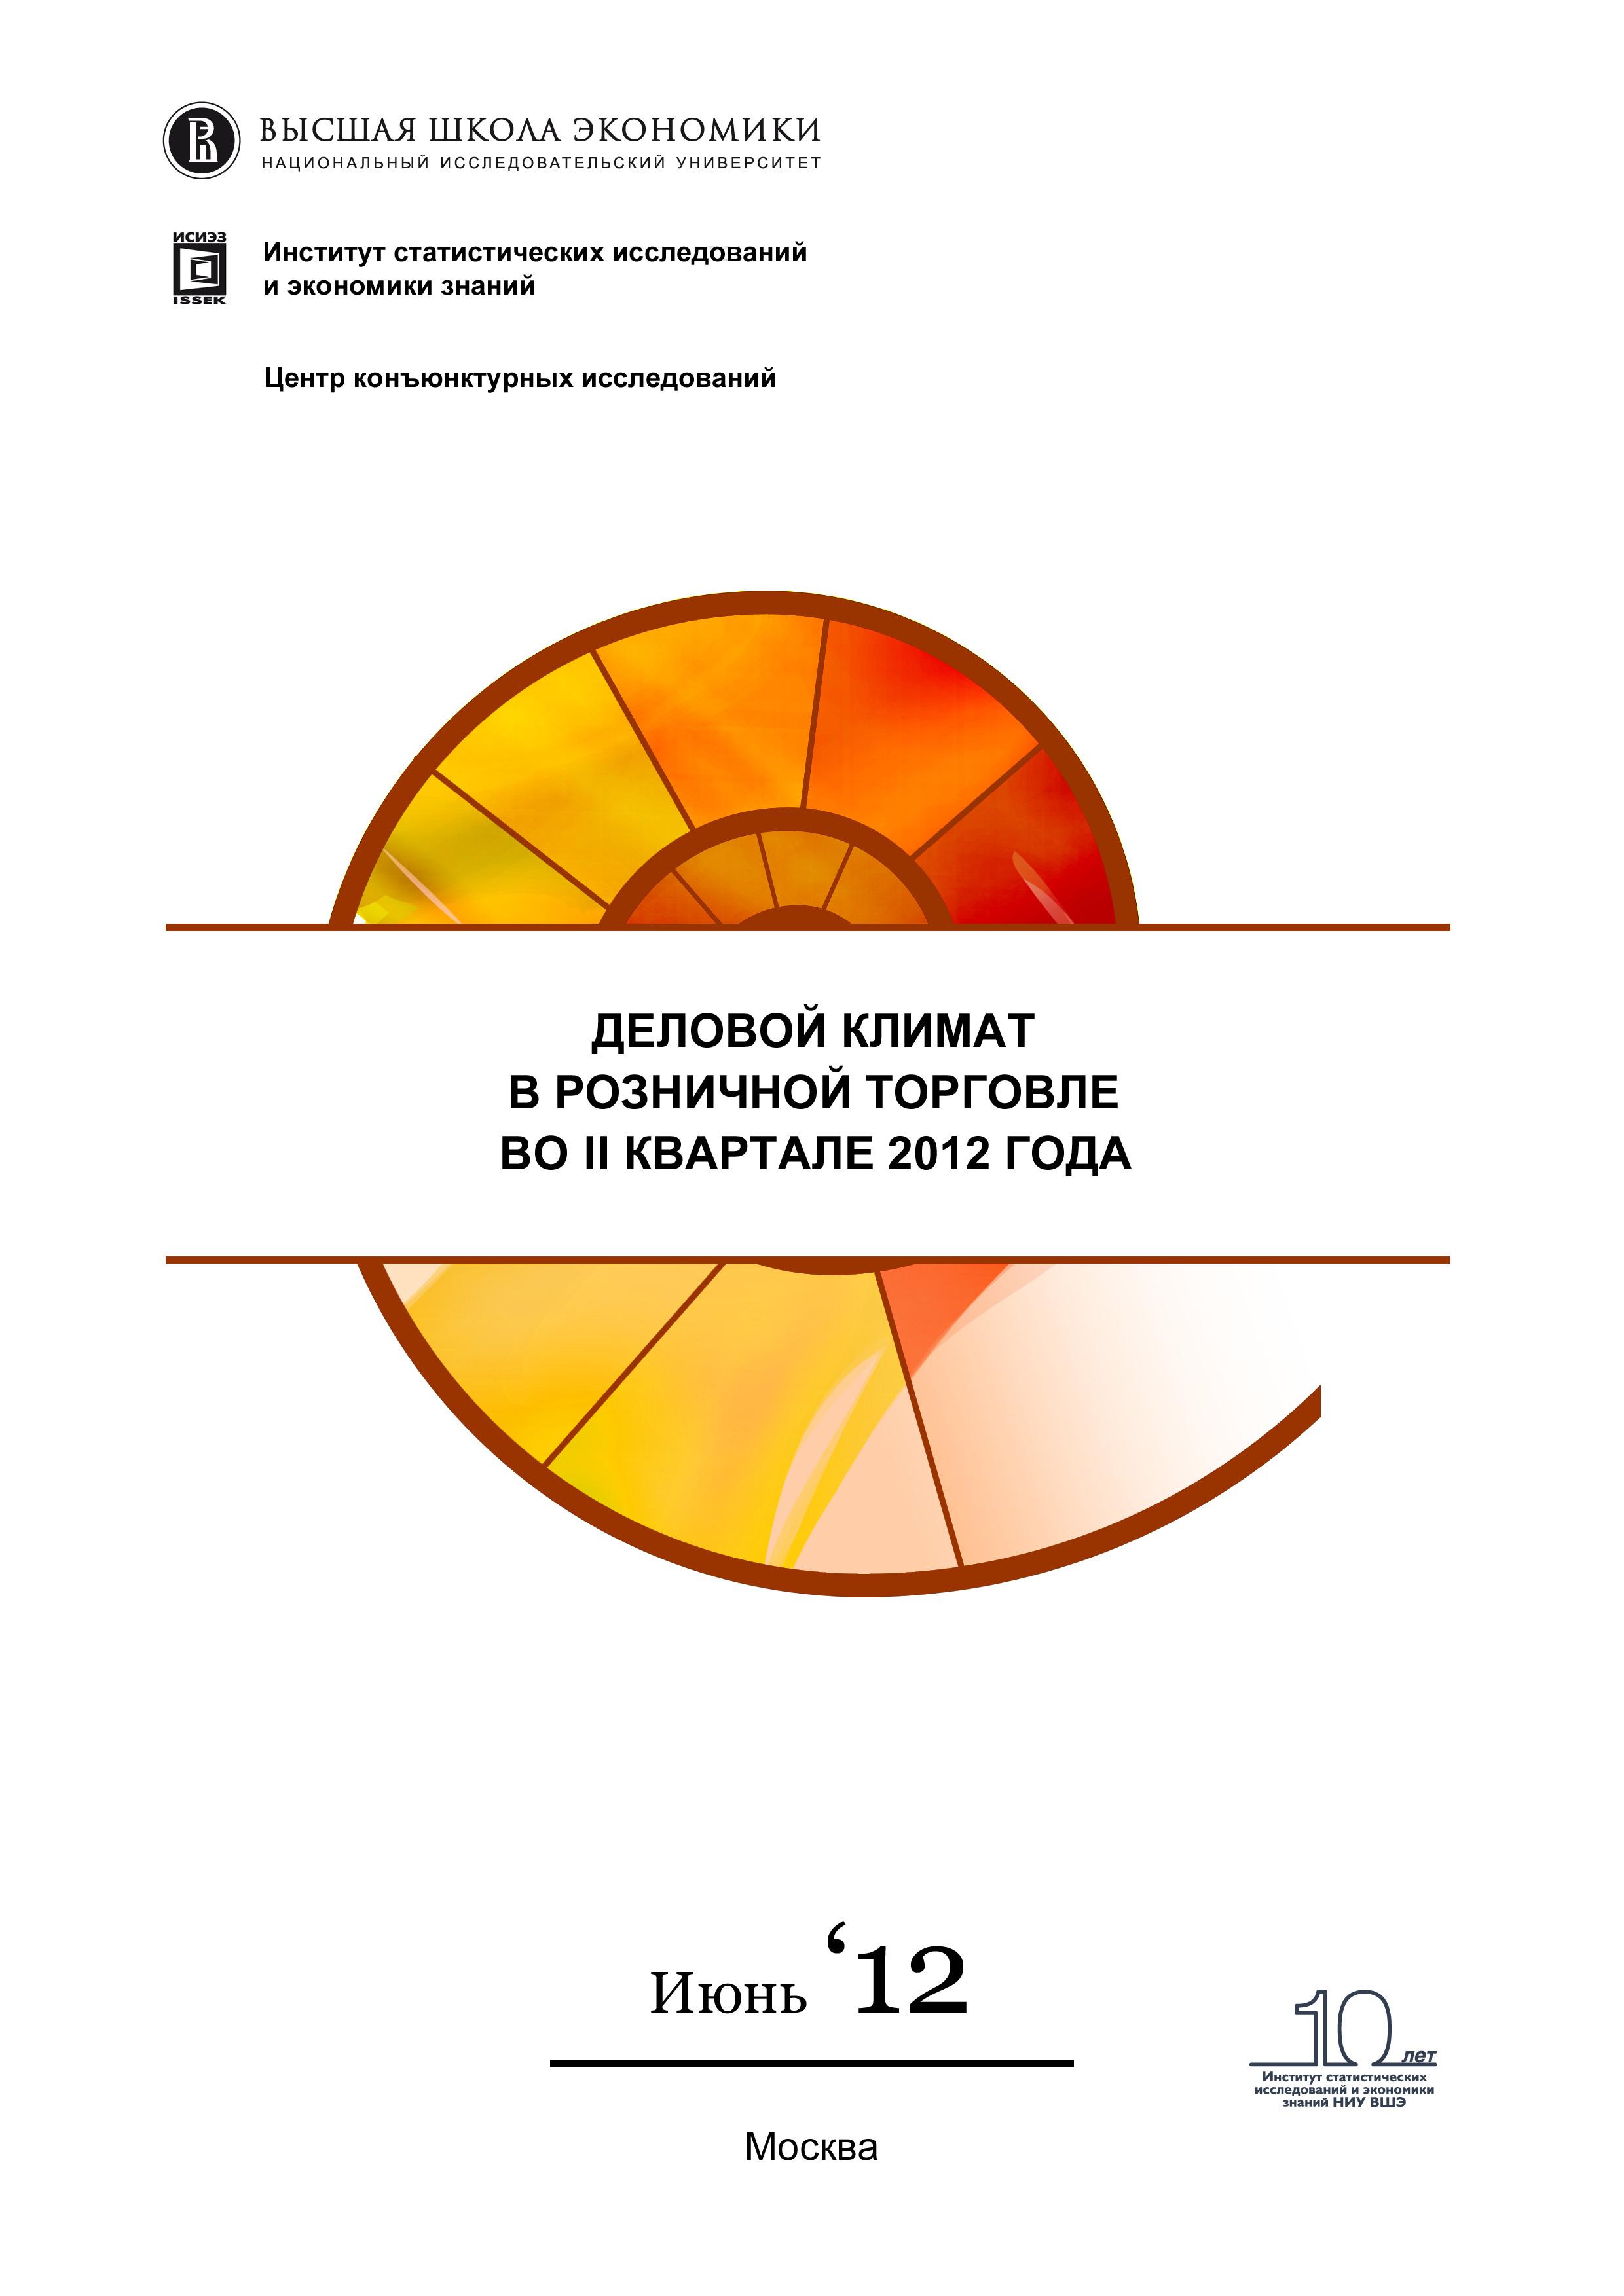 Деловой климат в розничной торговле во II квартале 2012 года